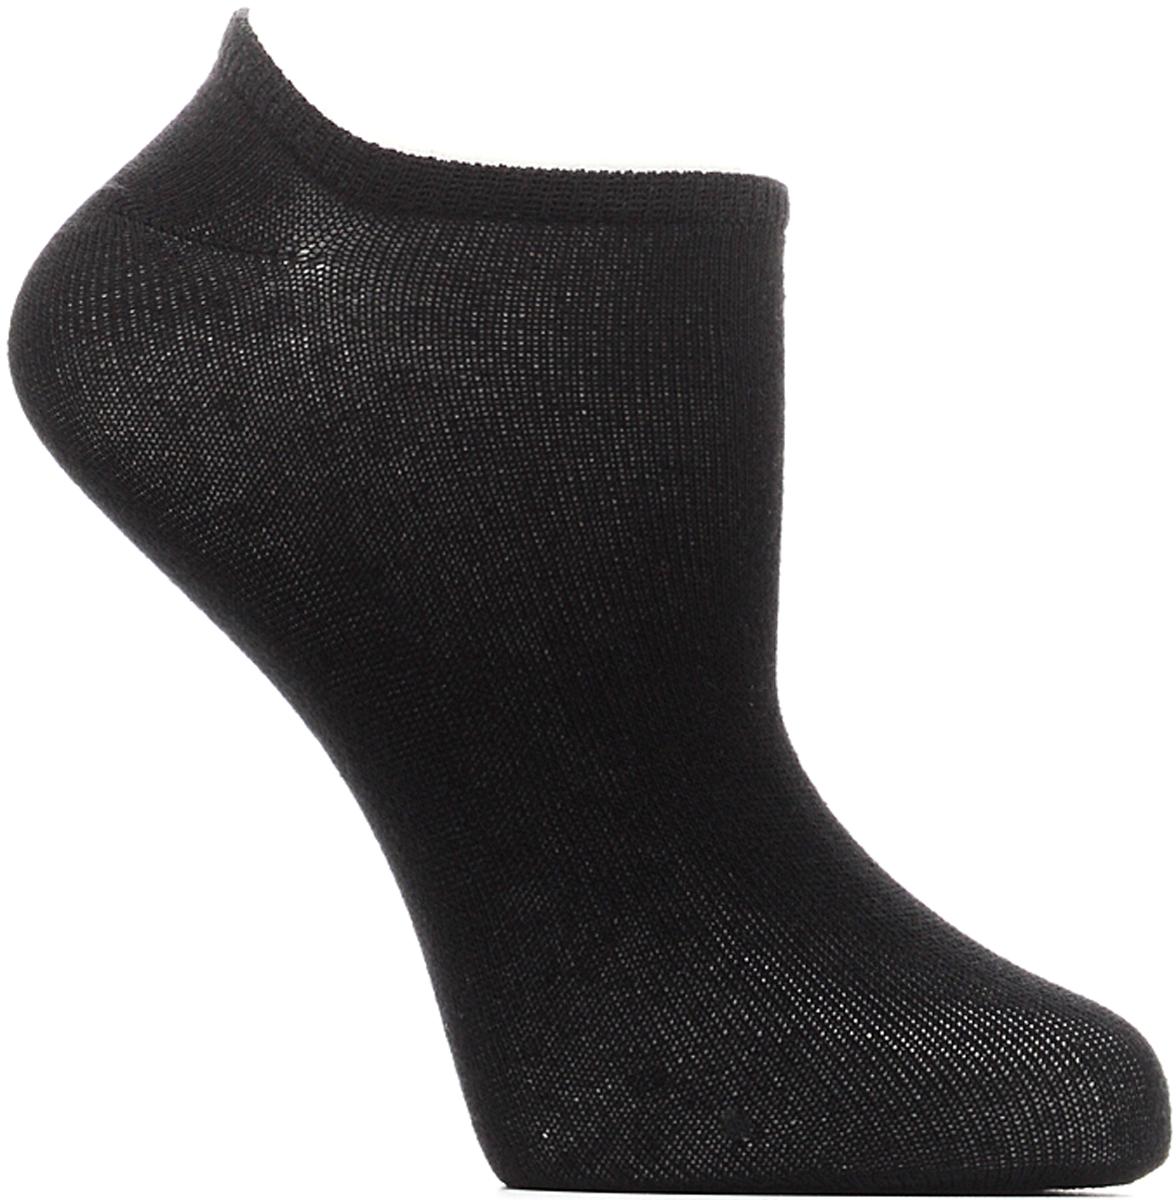 Носки женские Bio-Textiles, цвет: черный. W016. Размер 35/41